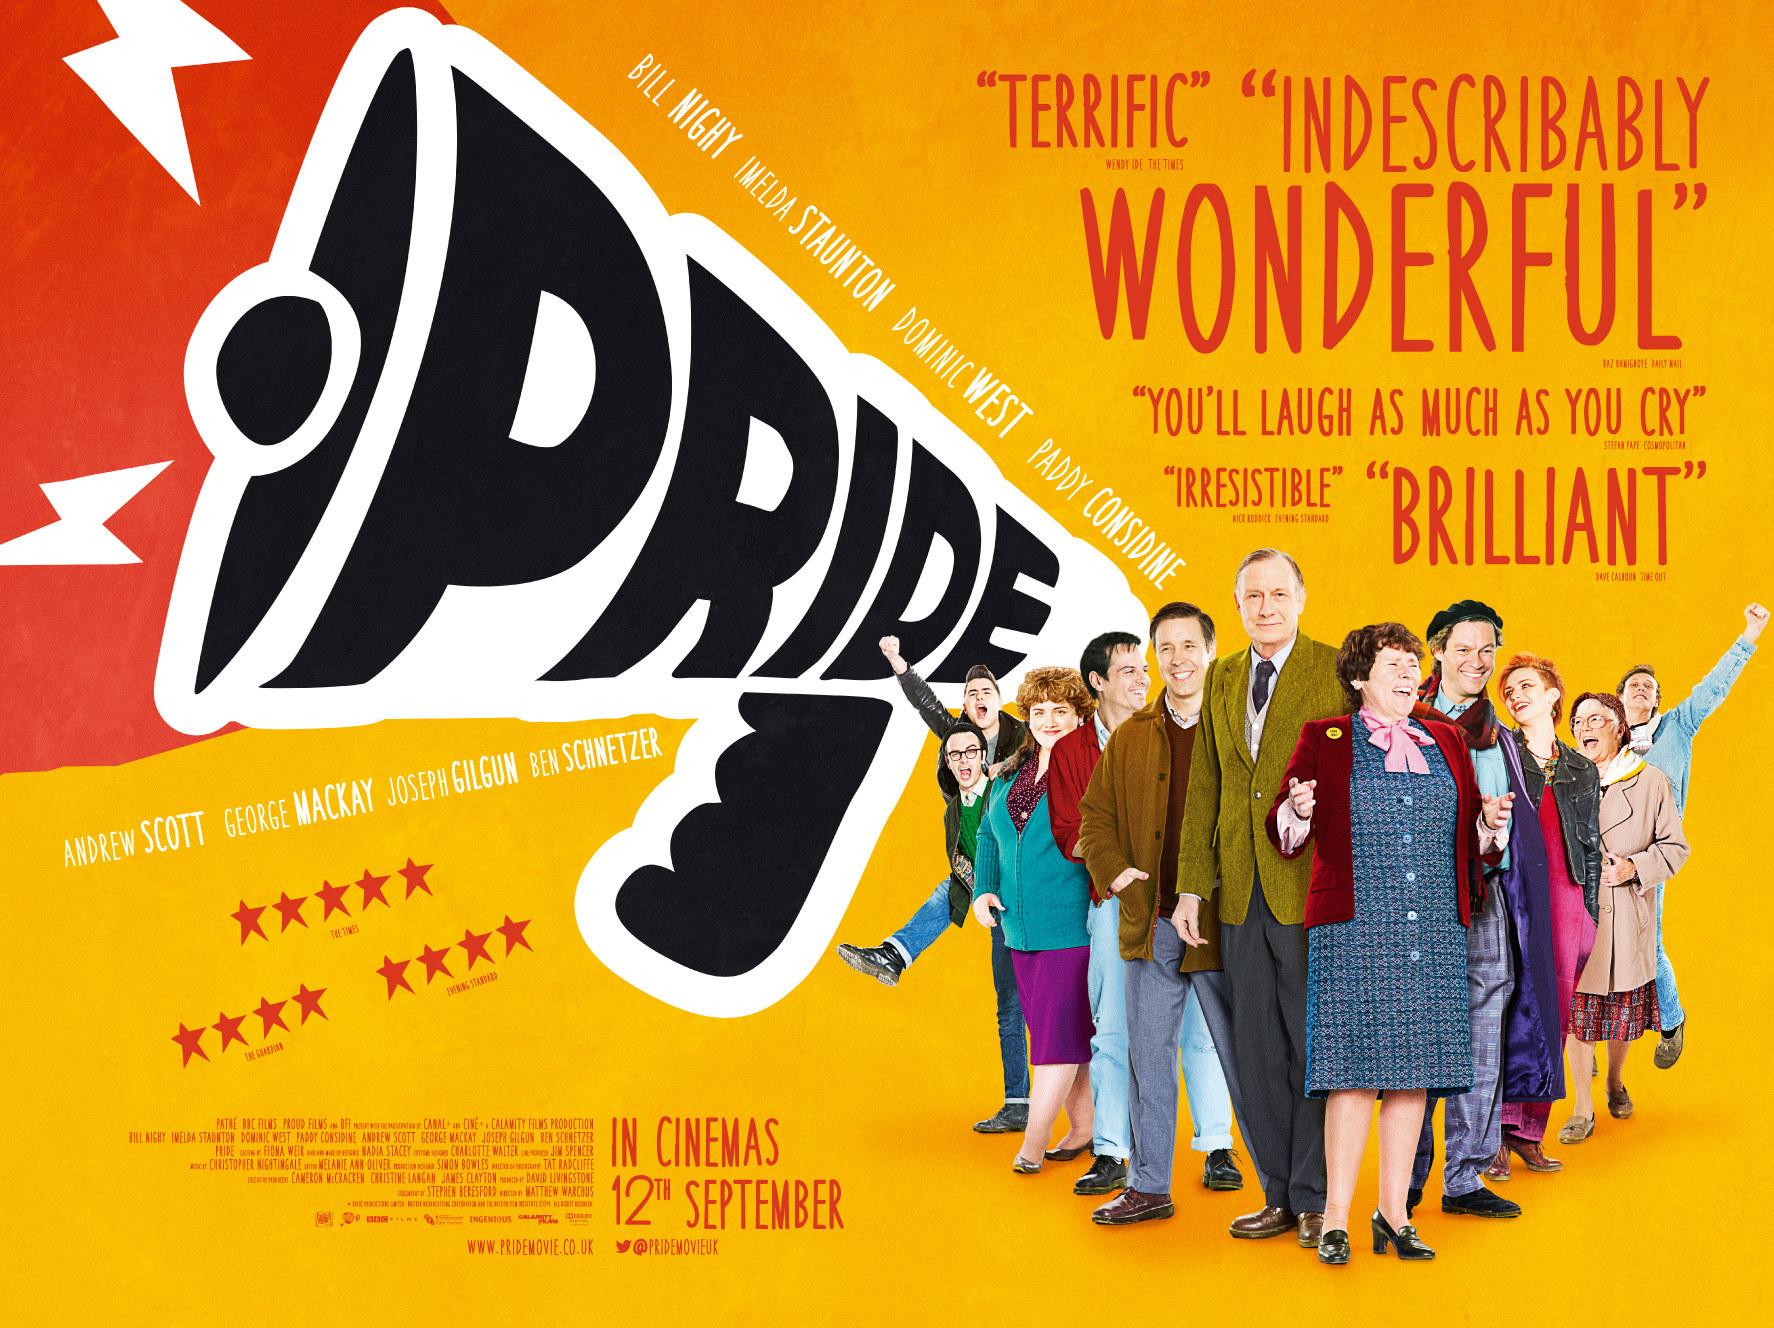 Pride movie posts